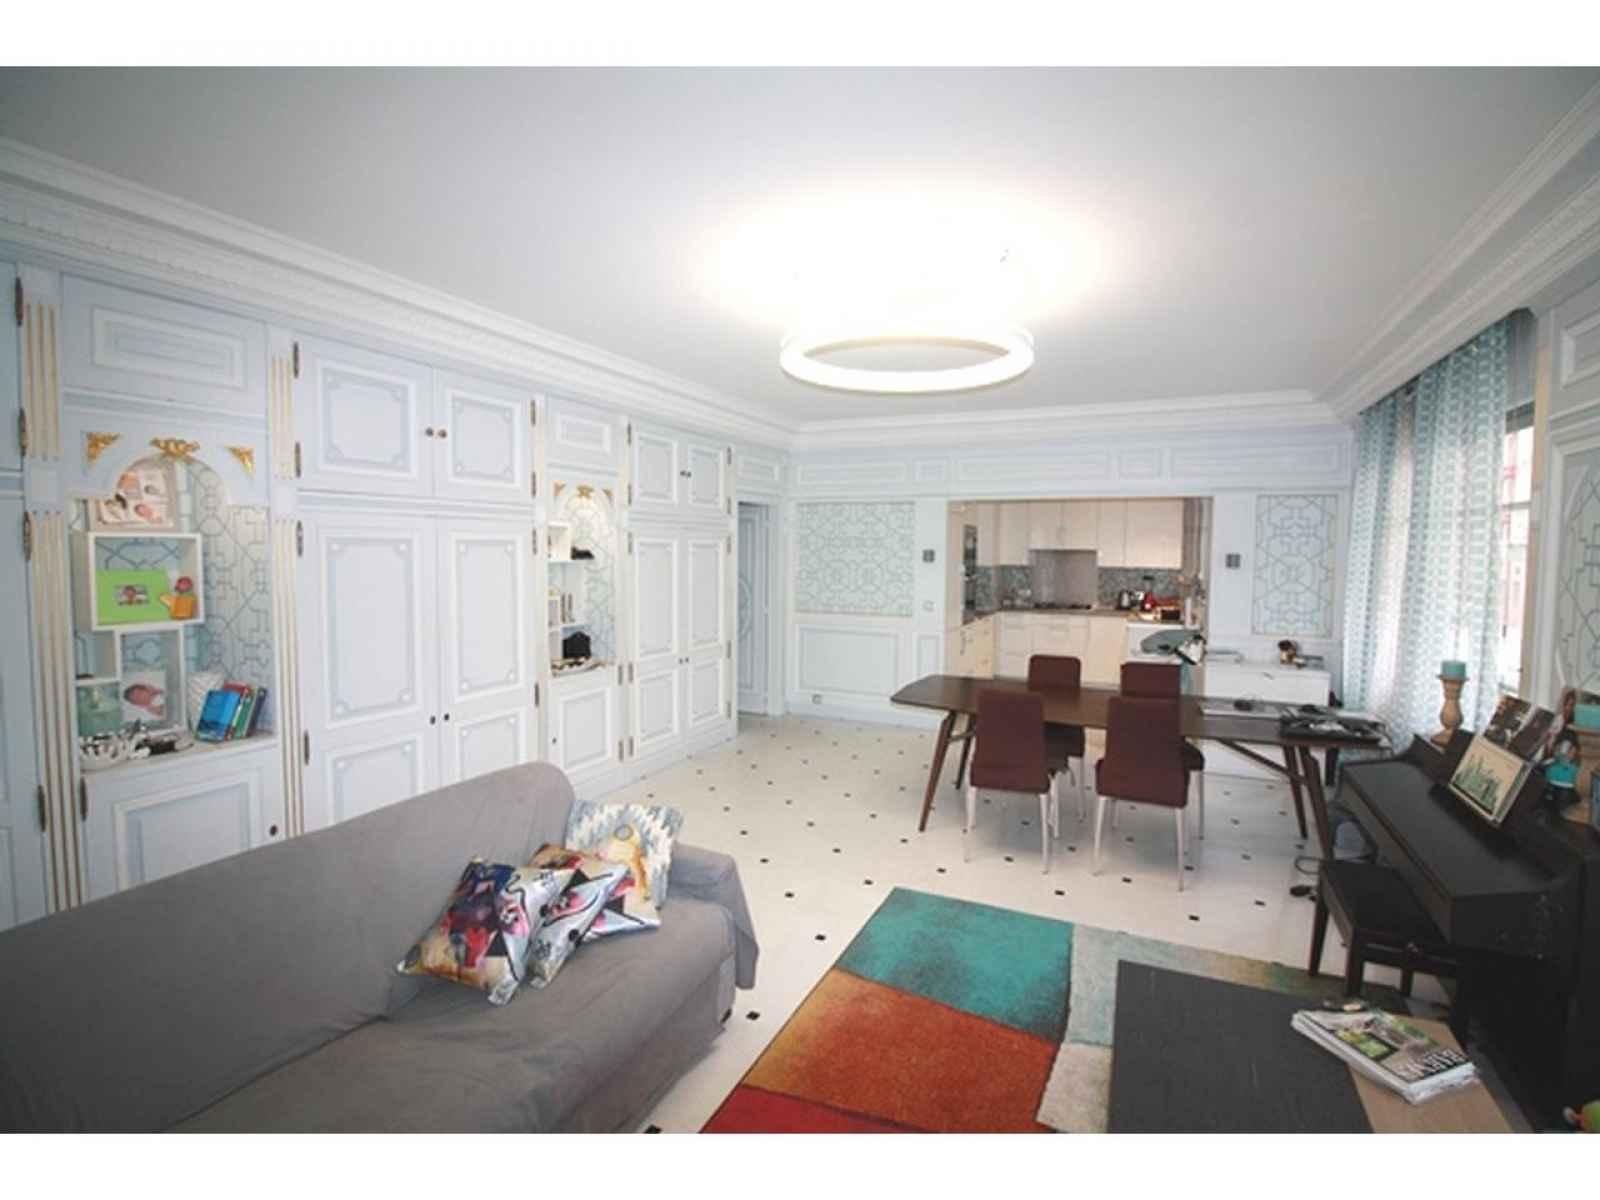 Vente Appartement 3 Pièces Nice Riquier Dinamy Immobilier